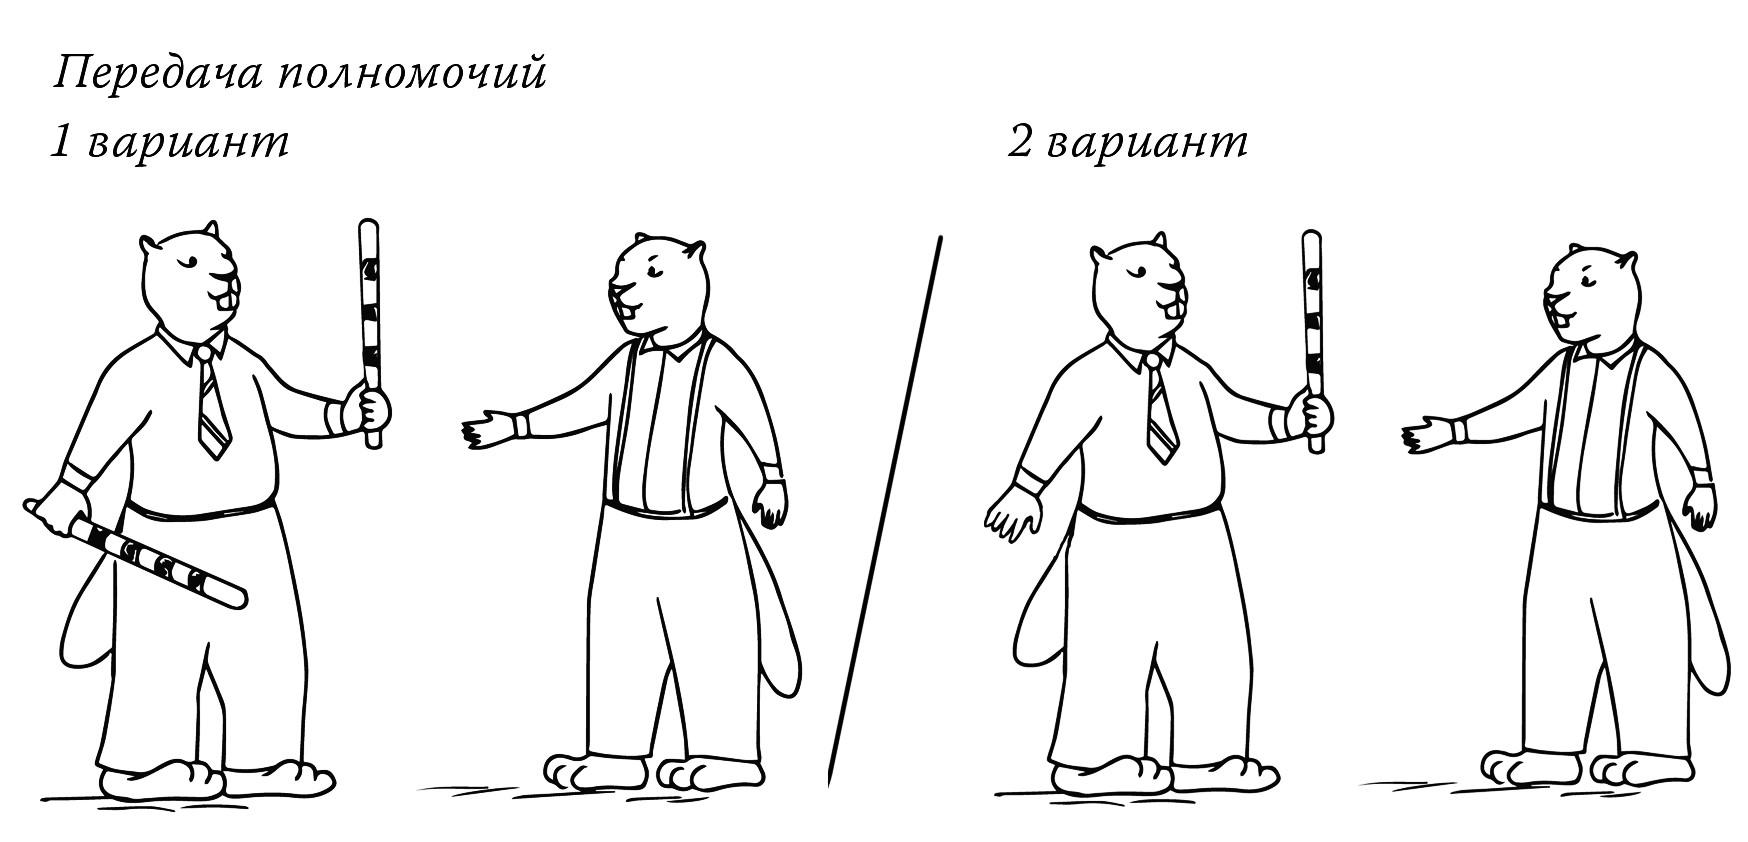 Передача полномочий в управлении.